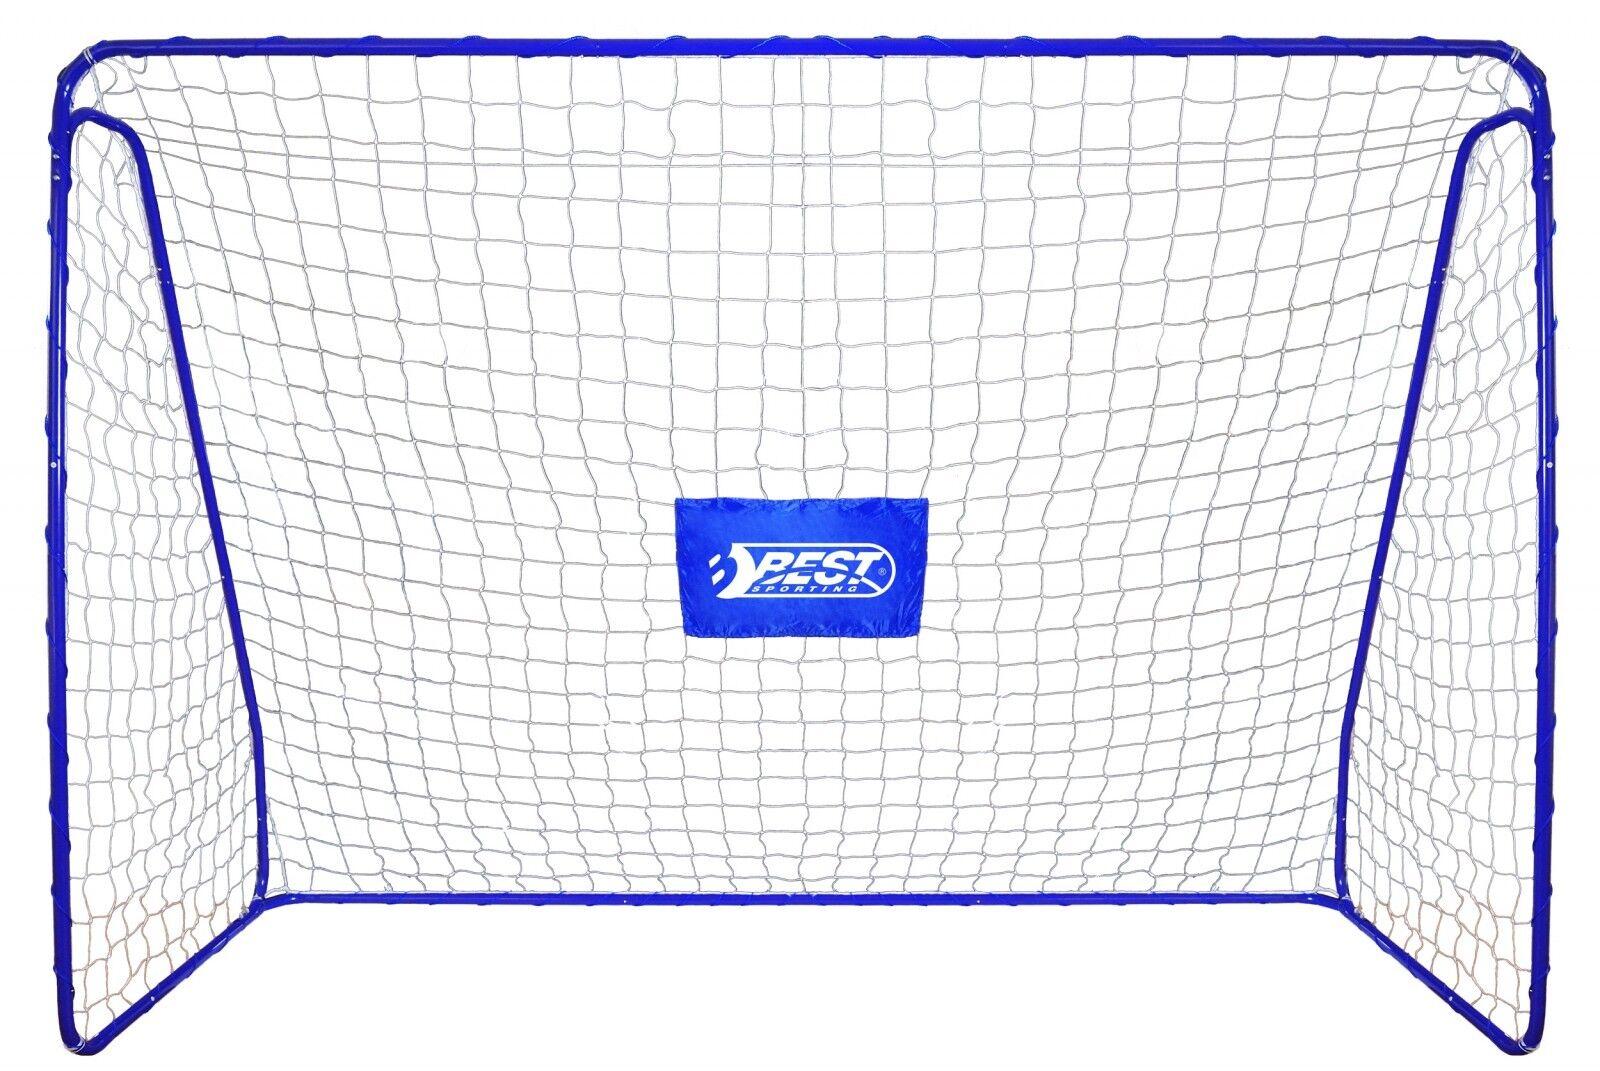 Tor Torwand Fußballtor Fußballtor Torwand Fußball Netz draußen  300 x 205 x 120 cm 411c8a